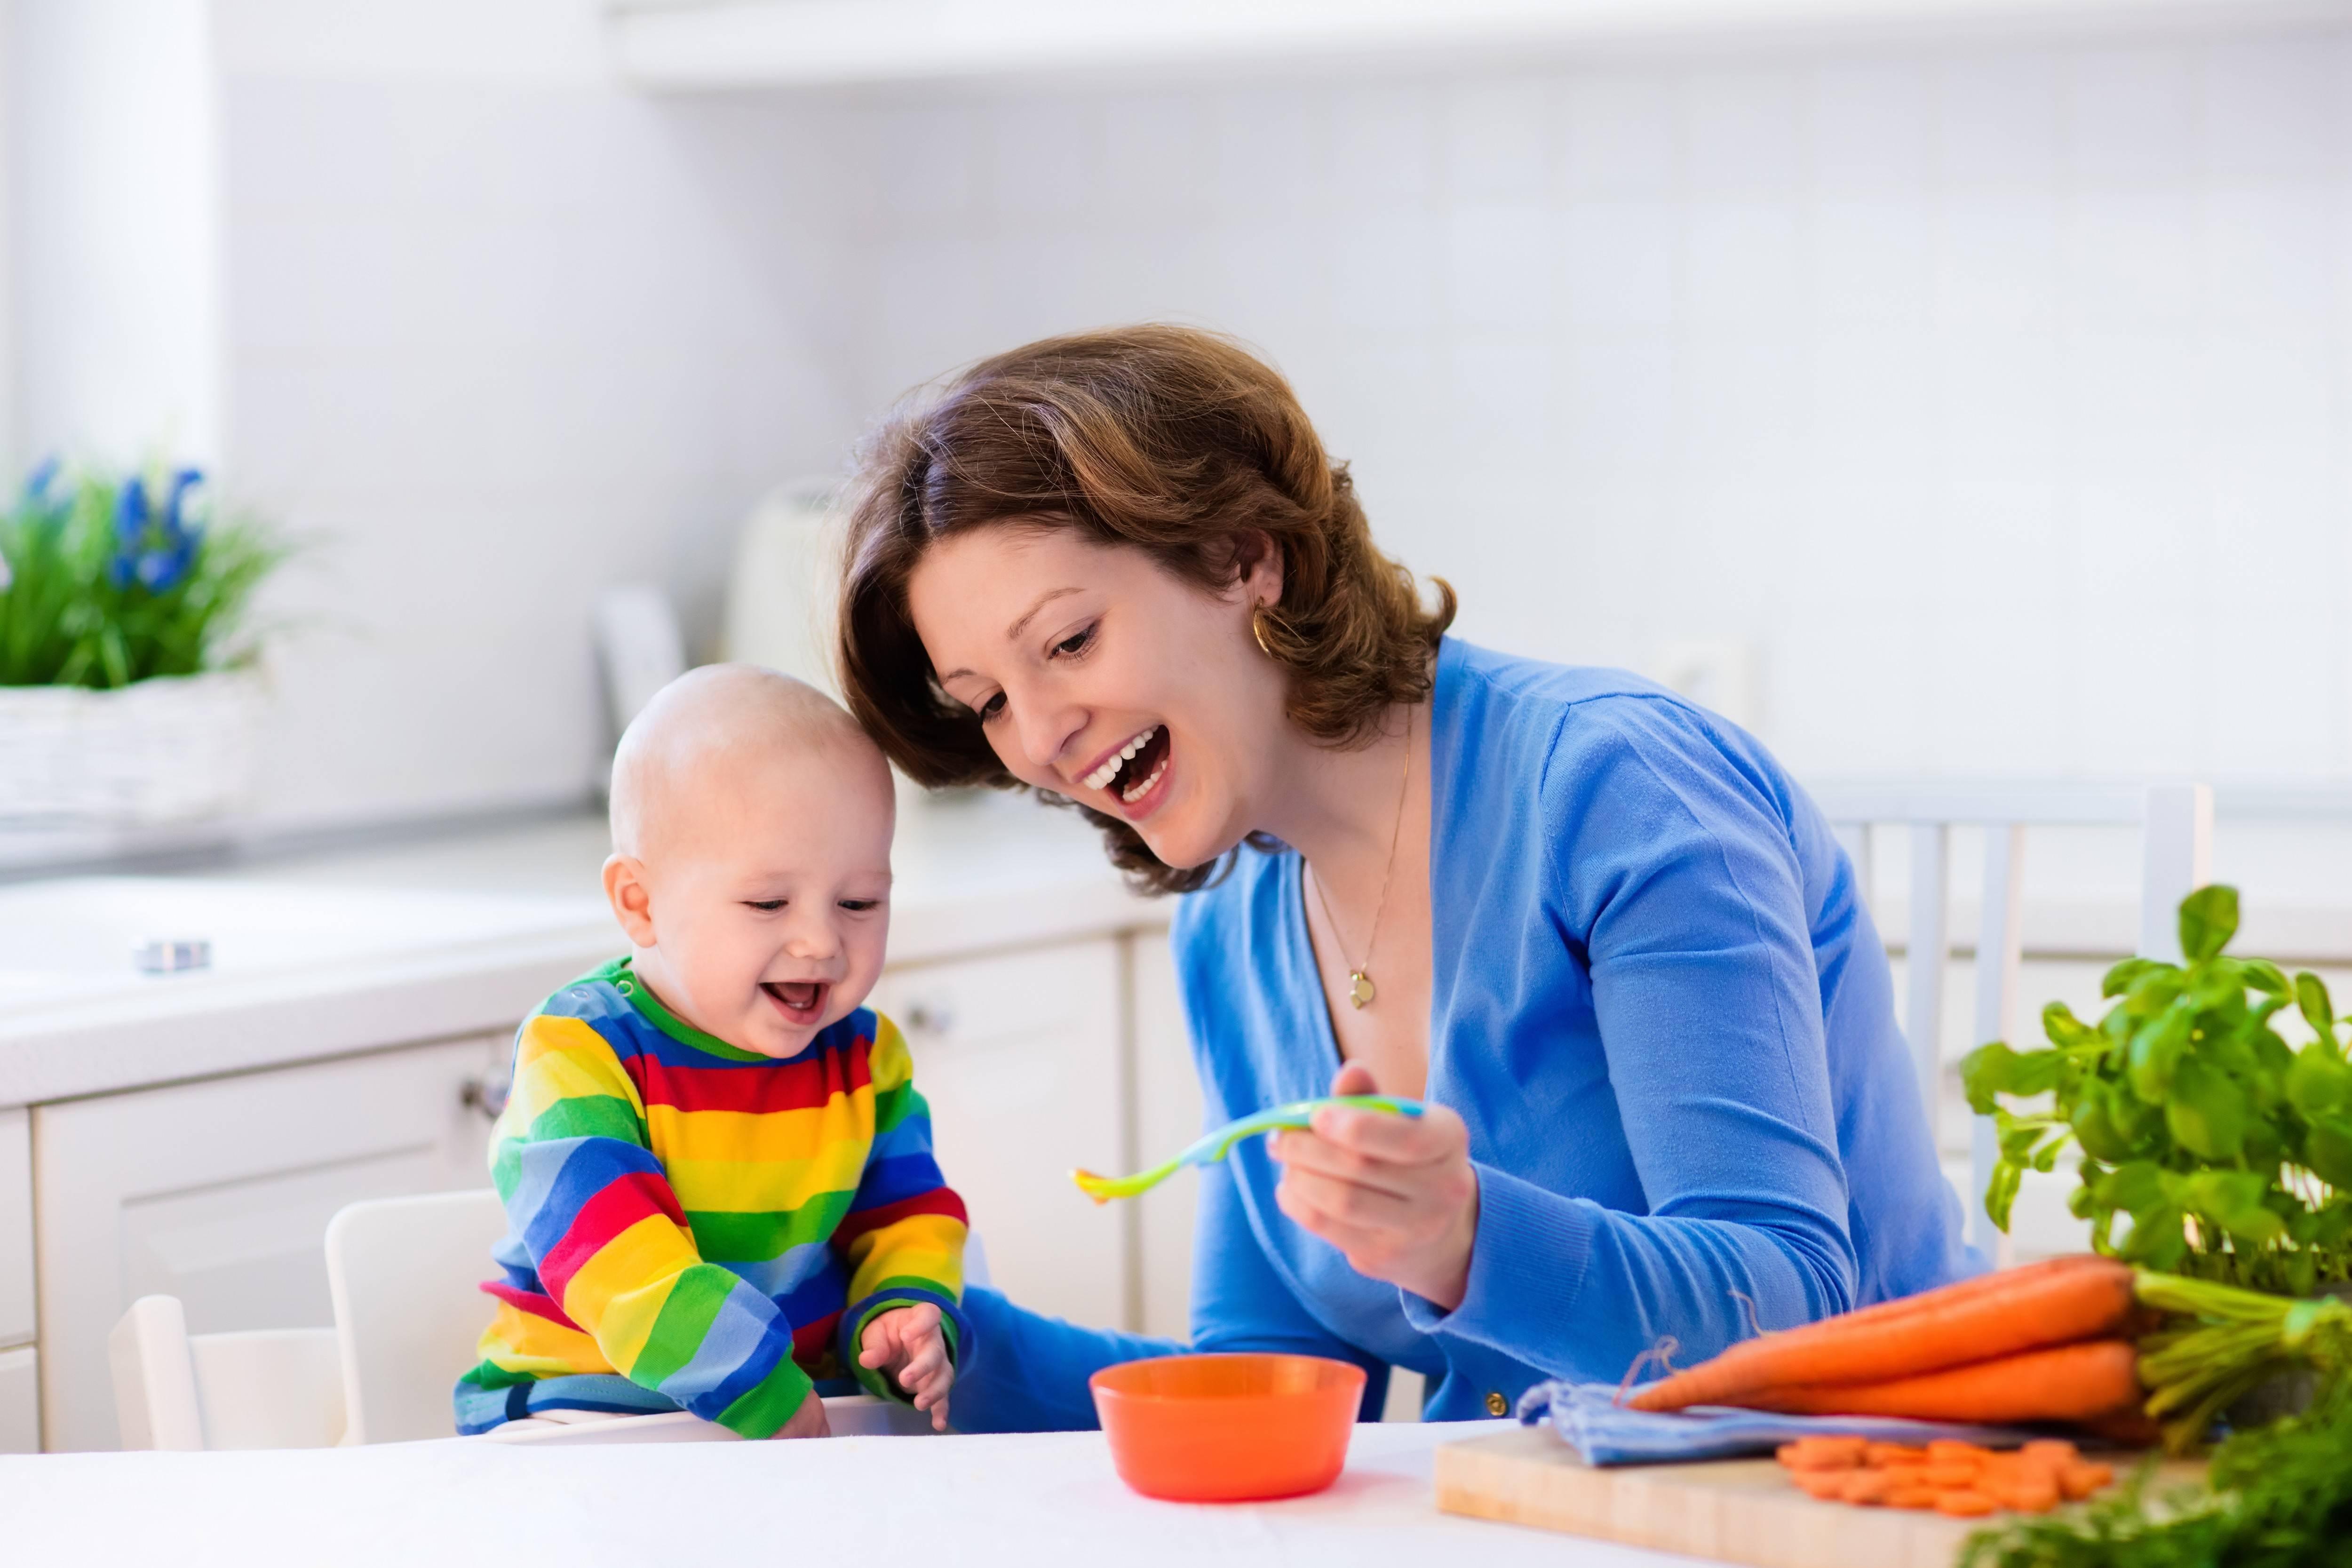 宝宝添加辅食易发肠道疾病,适当补充妈咪爱可帮助预防